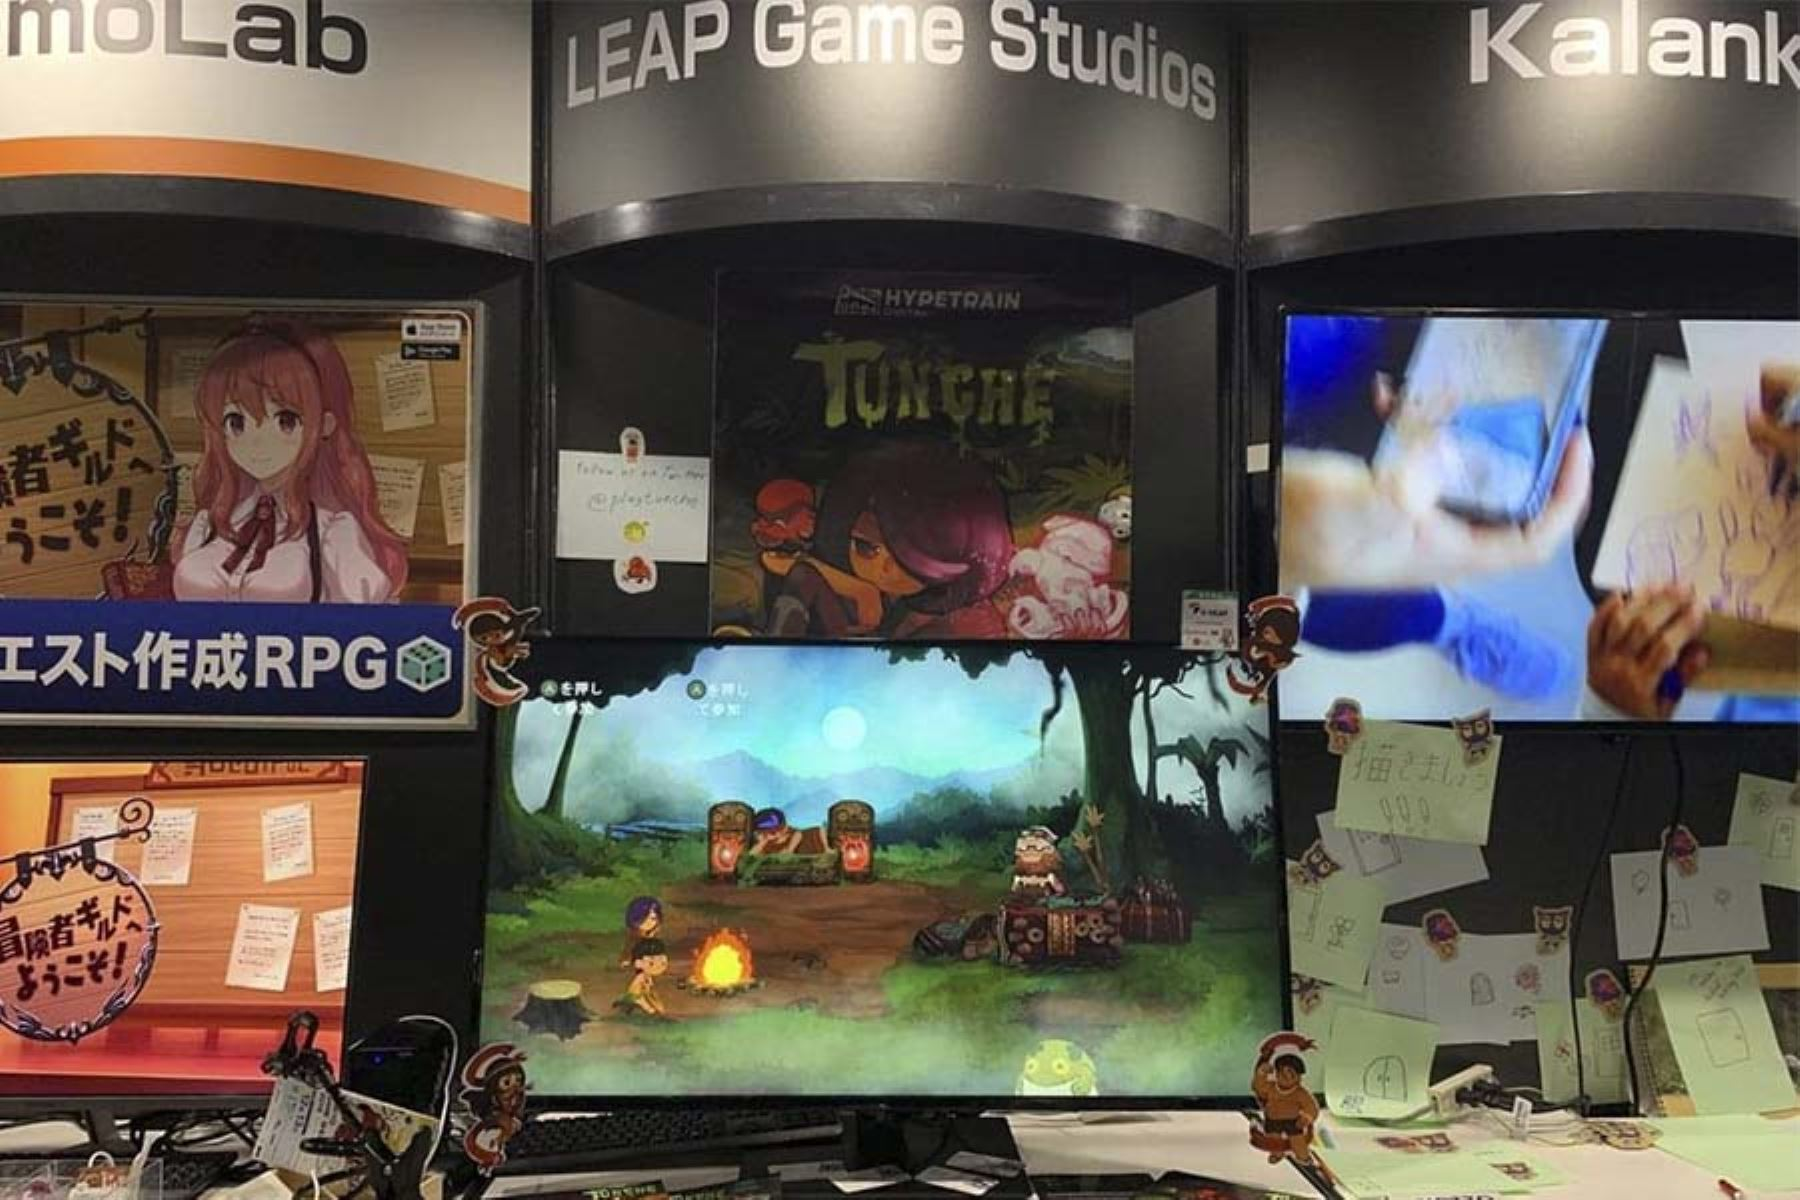 El juego Tunche de LEAP Game Studios fue financiado en parte por donaciones.